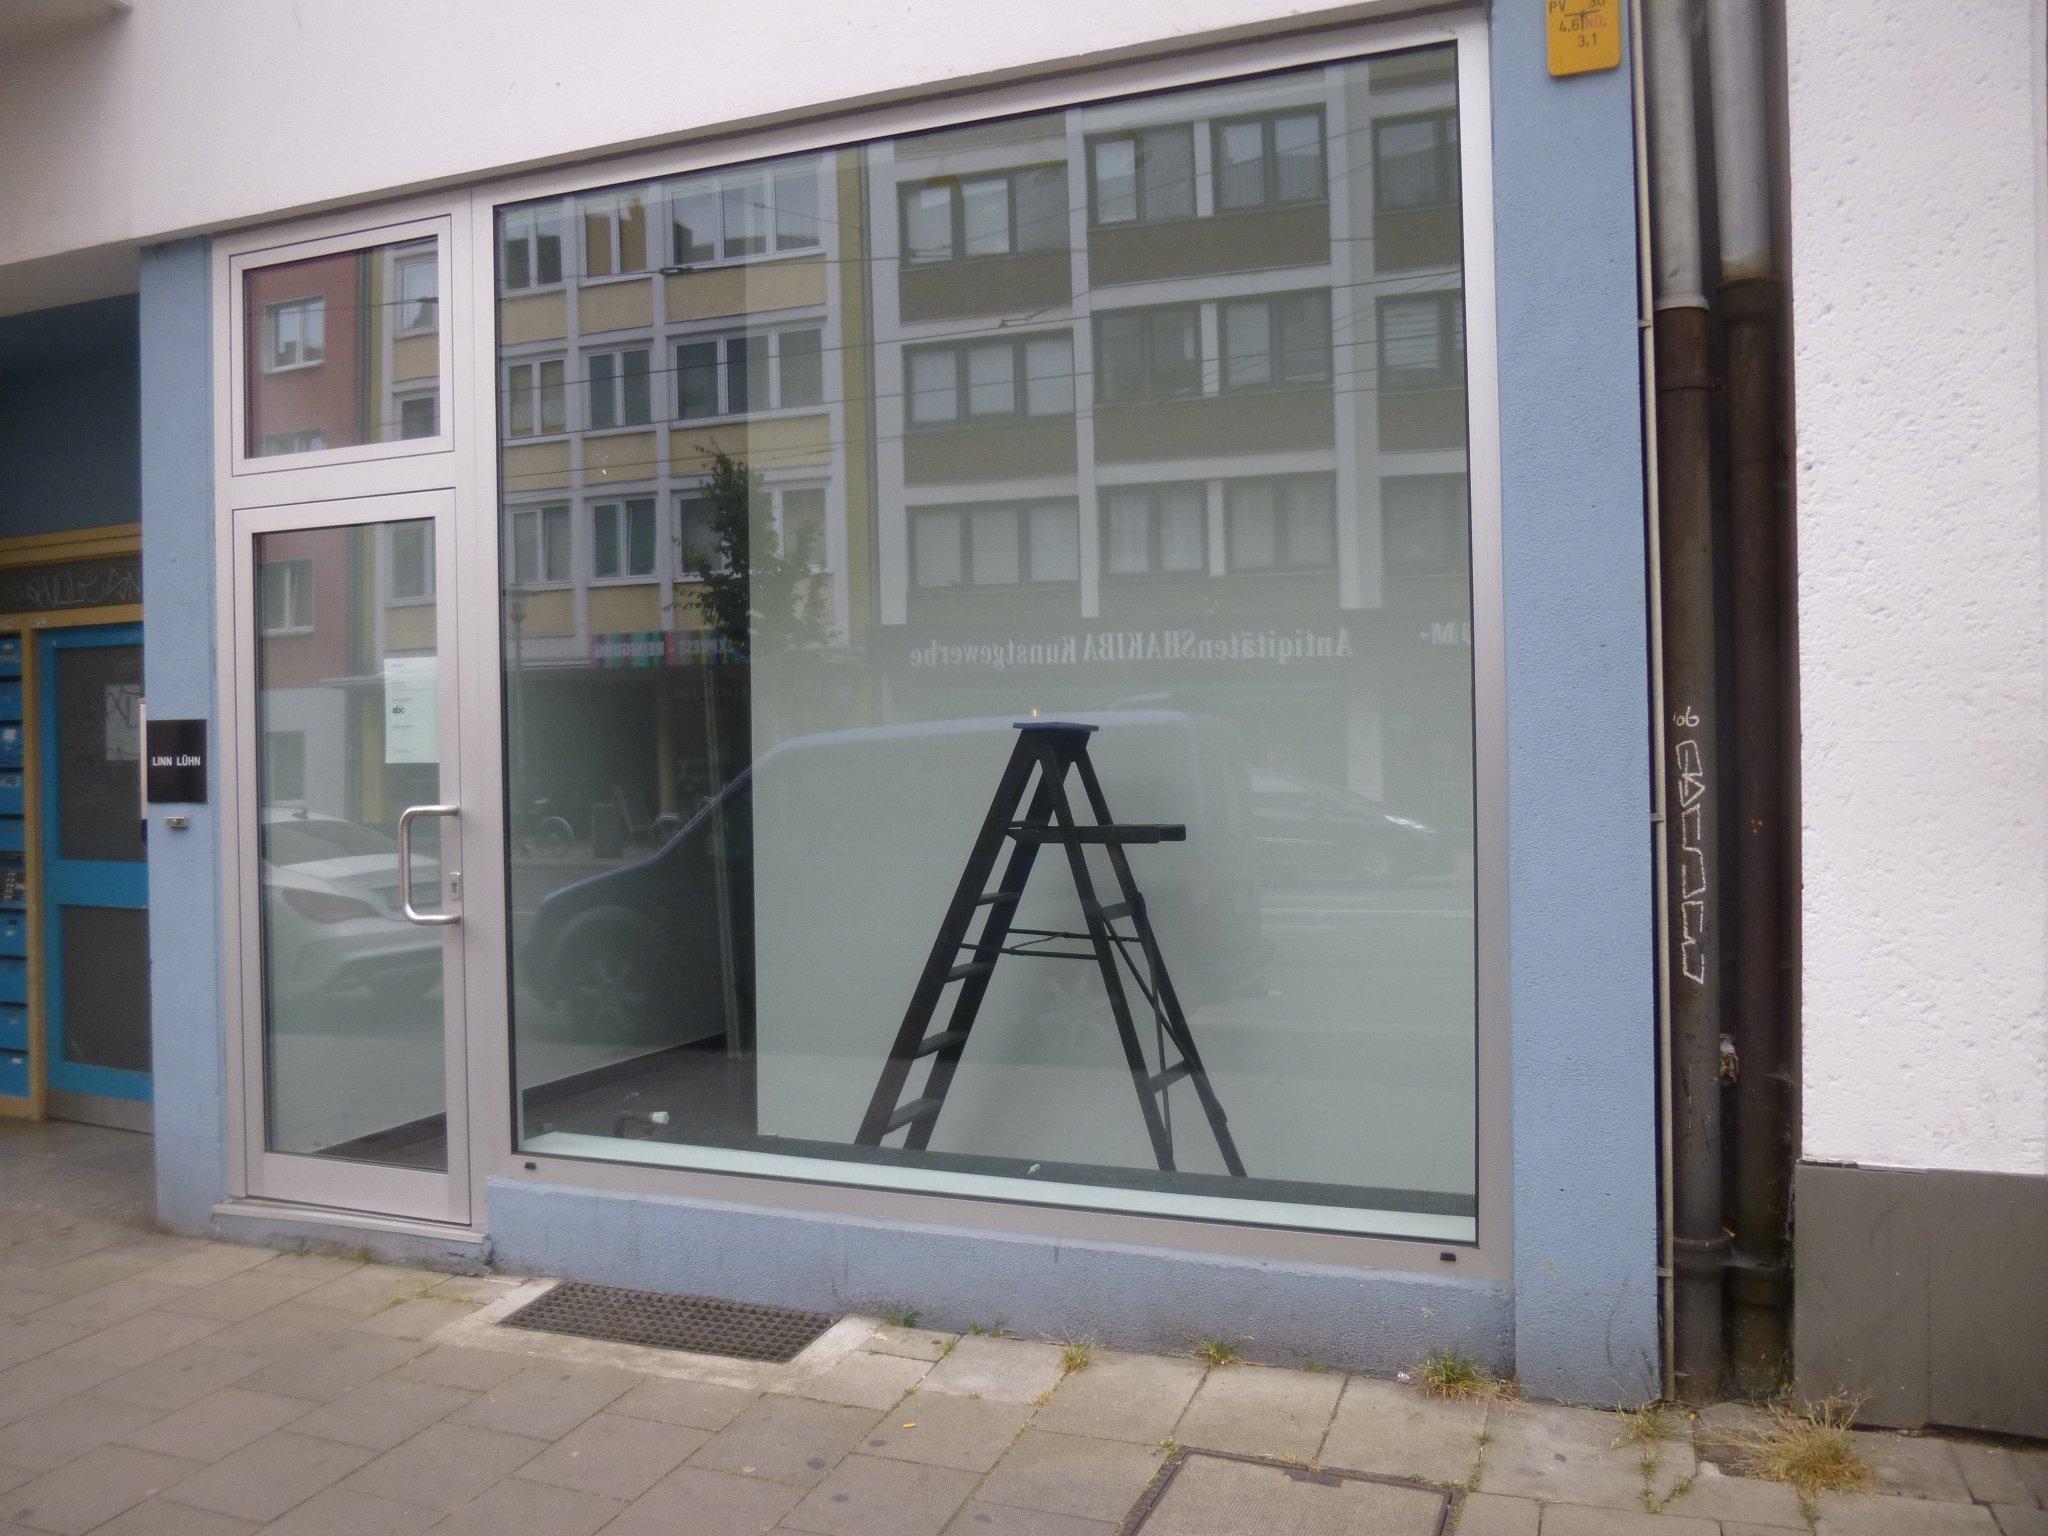 Schaufenster - schwarze Leiter